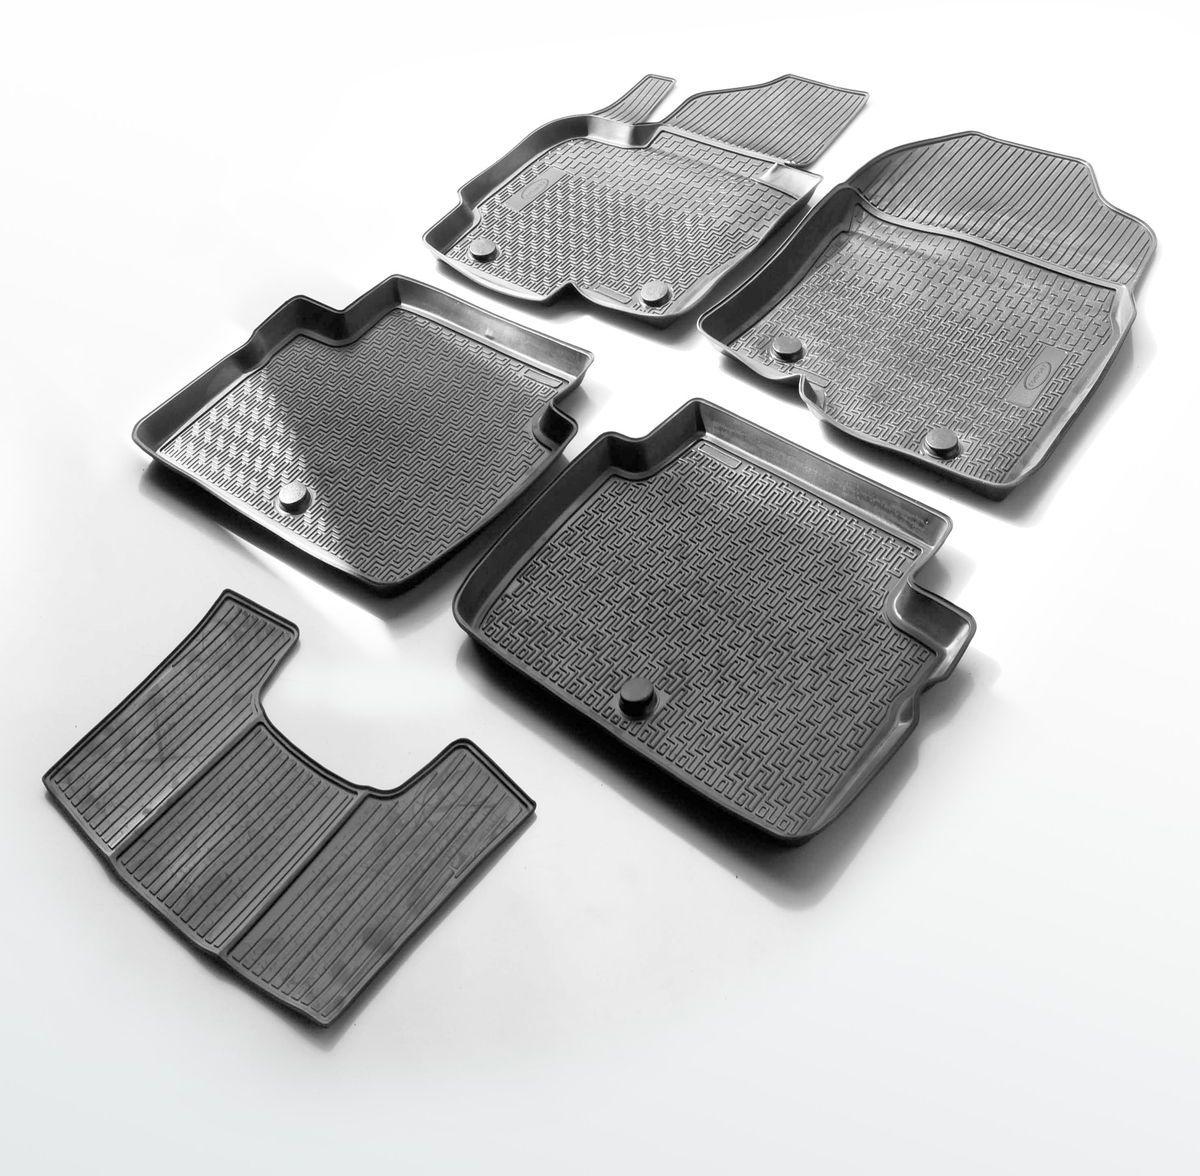 Ковры салона Rival для Toyota Camry 2014-, 4 шт + перемычка0015701002Автомобильные ковры салона Rival Прочные и долговечные ковры в салон автомобиля, изготовлены из высококачественного и экологичного сырья, полностью повторяют геометрию салона вашего автомобиля. - Надежная система крепления, позволяющая закрепить коврик на штатные элементы фиксации, в результате чего отсутствует эффект скольжения по салону автомобиля. - Высокая стойкость поверхности к стиранию. - Специализированный рисунок и высокий борт, препятствующие распространению грязи и жидкости по поверхности ковра. - Перемычка задних ковров в комплекте предотвращает загрязнение тоннеля карданного вала. - Произведены из первичных материалов, в результате чего отсутствует неприятный запах в салоне автомобиля. - Высокая эластичность, можно беспрепятственно эксплуатировать при температуре от -45 ?C до +45 ?C.